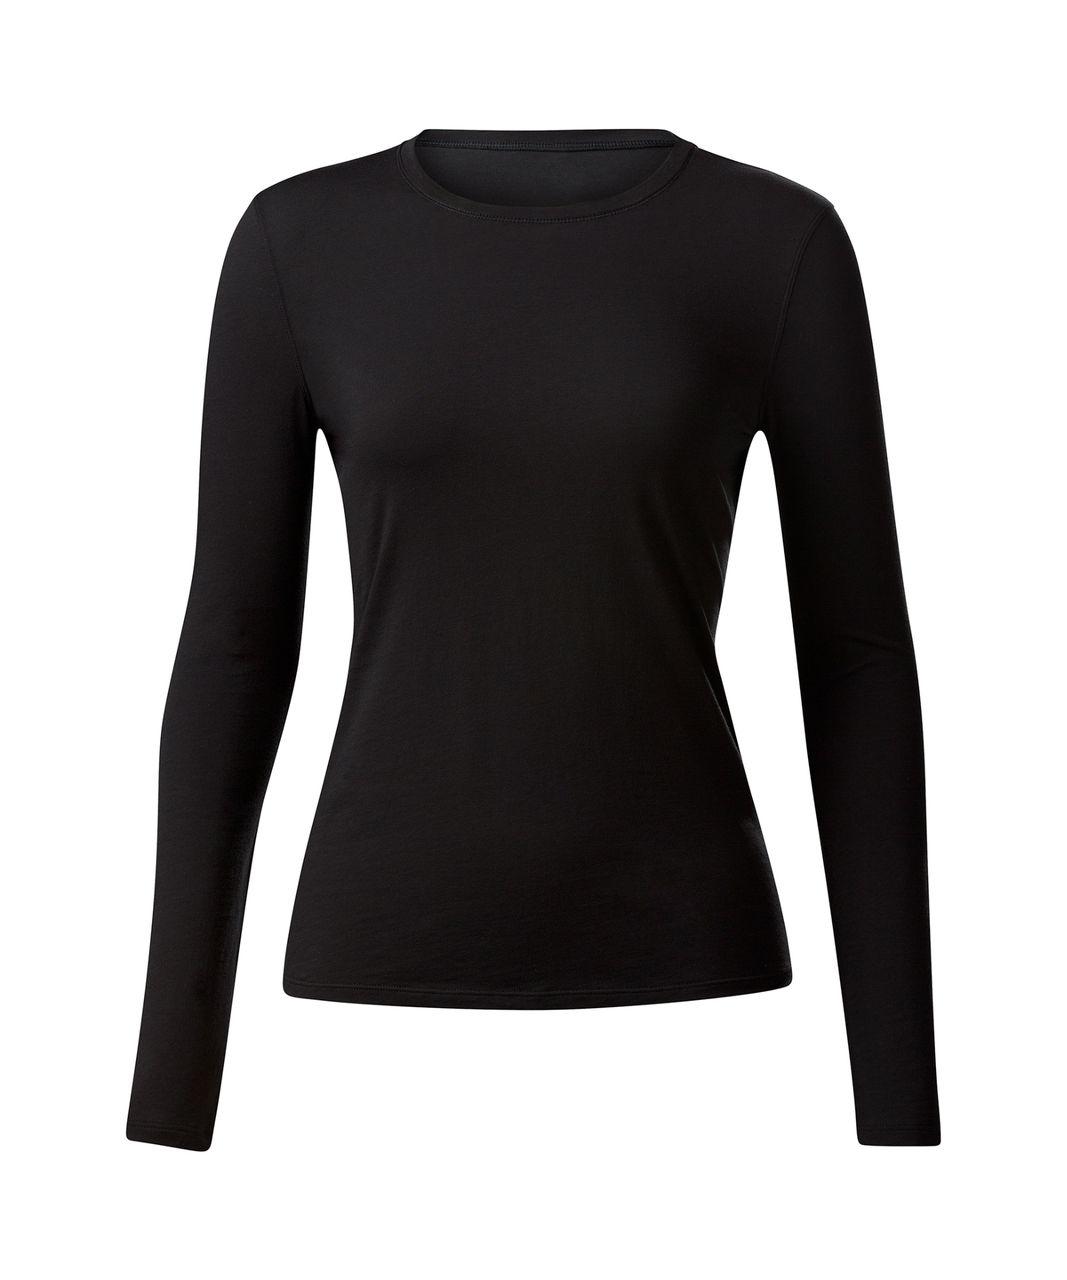 Lululemon Kitsilano Long Sleeve - Black